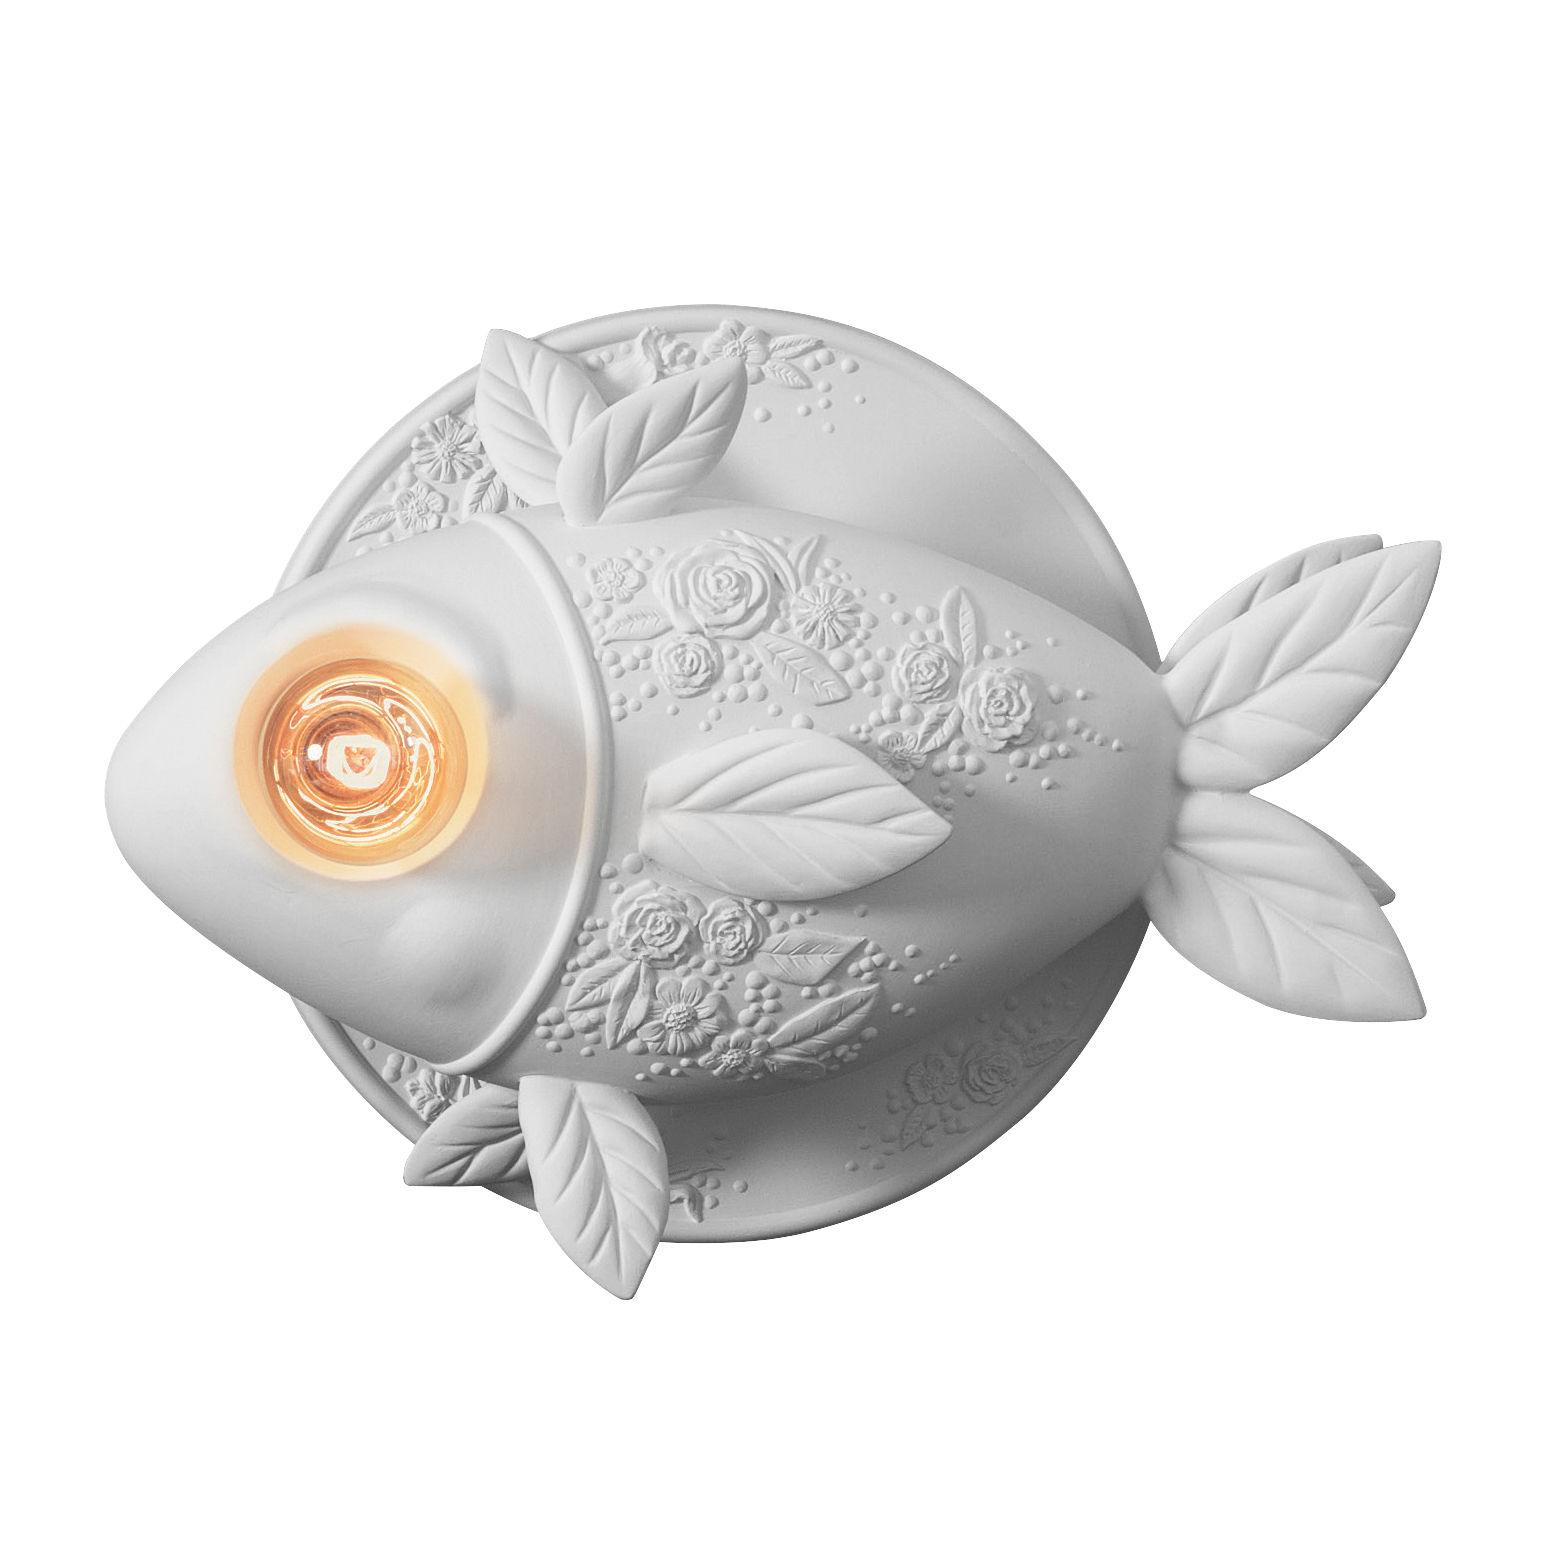 Luminaire - Appliques - Applique Aprile / Poisson céramique - L 50 cm - Karman - Blanc - Céramique brute